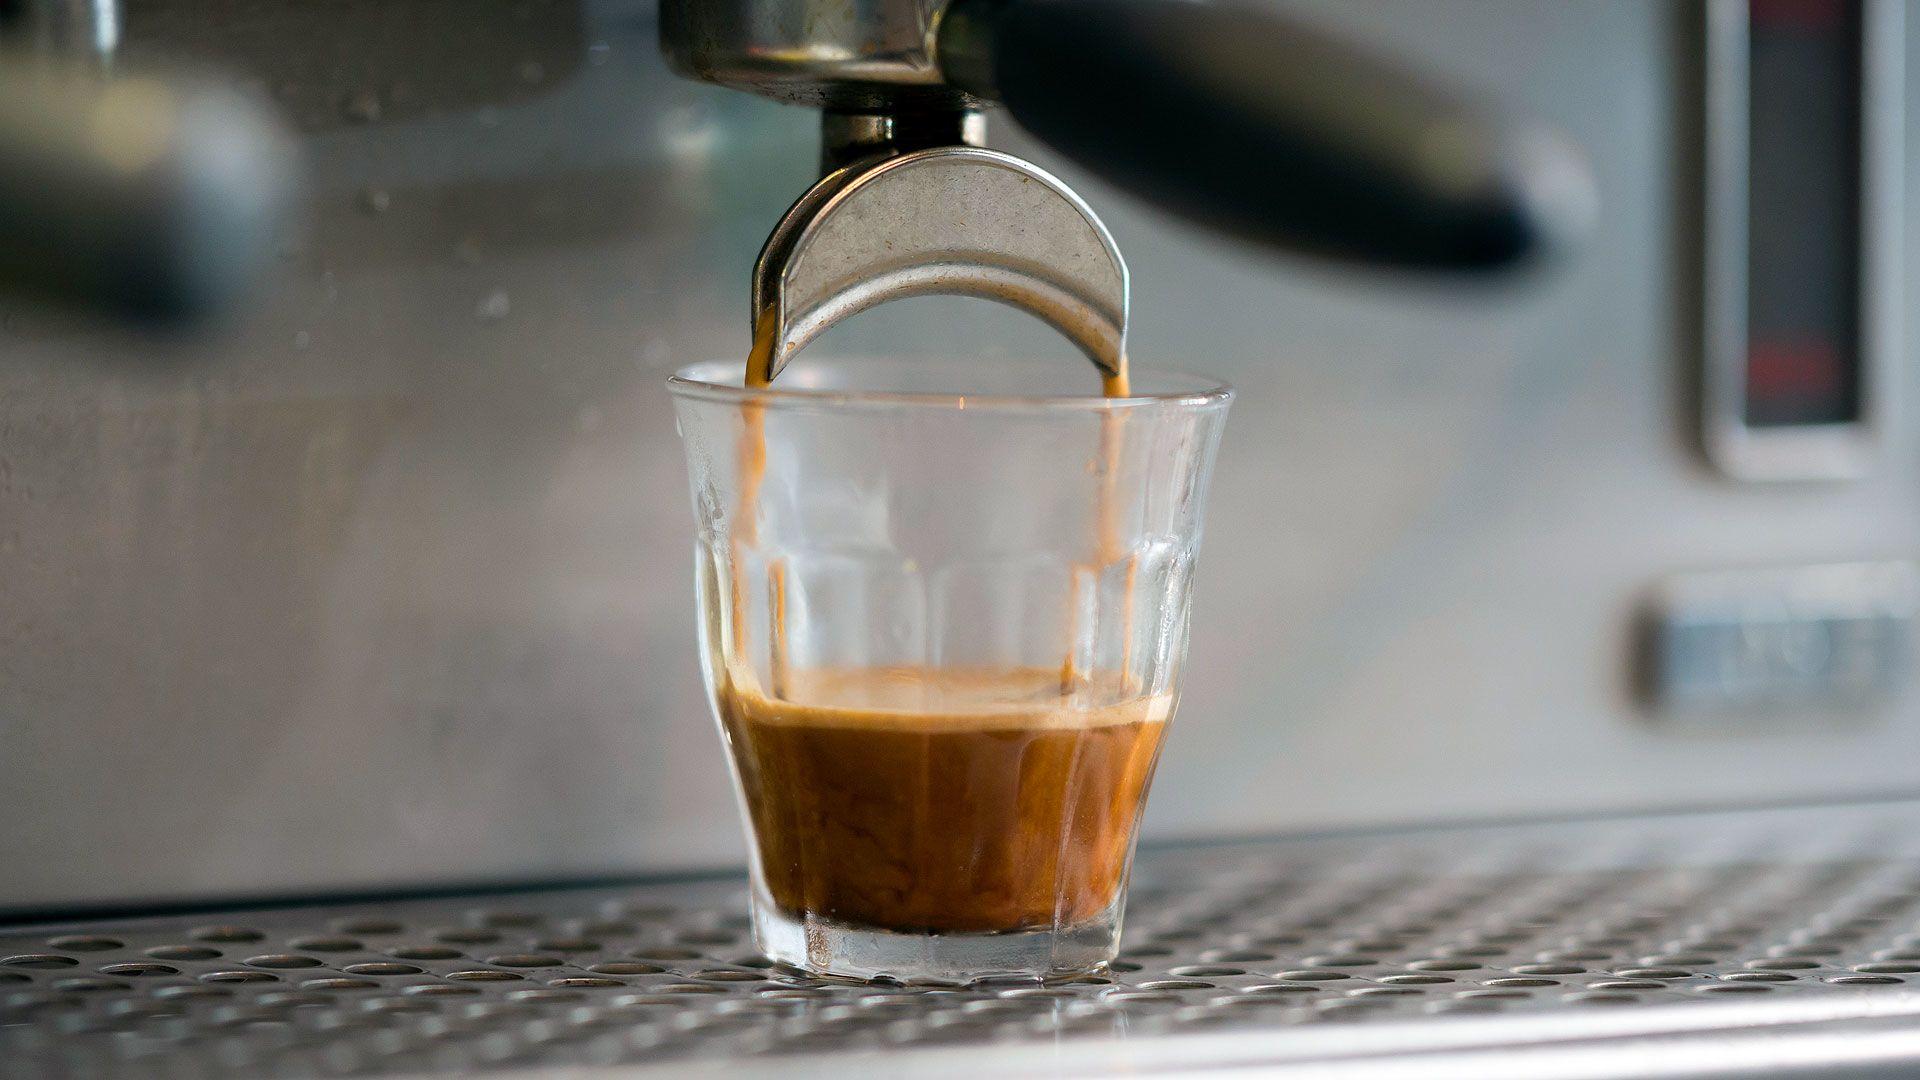 Fogyás kényelmesen a varázs kávéval? Akarod? Lehetséges!